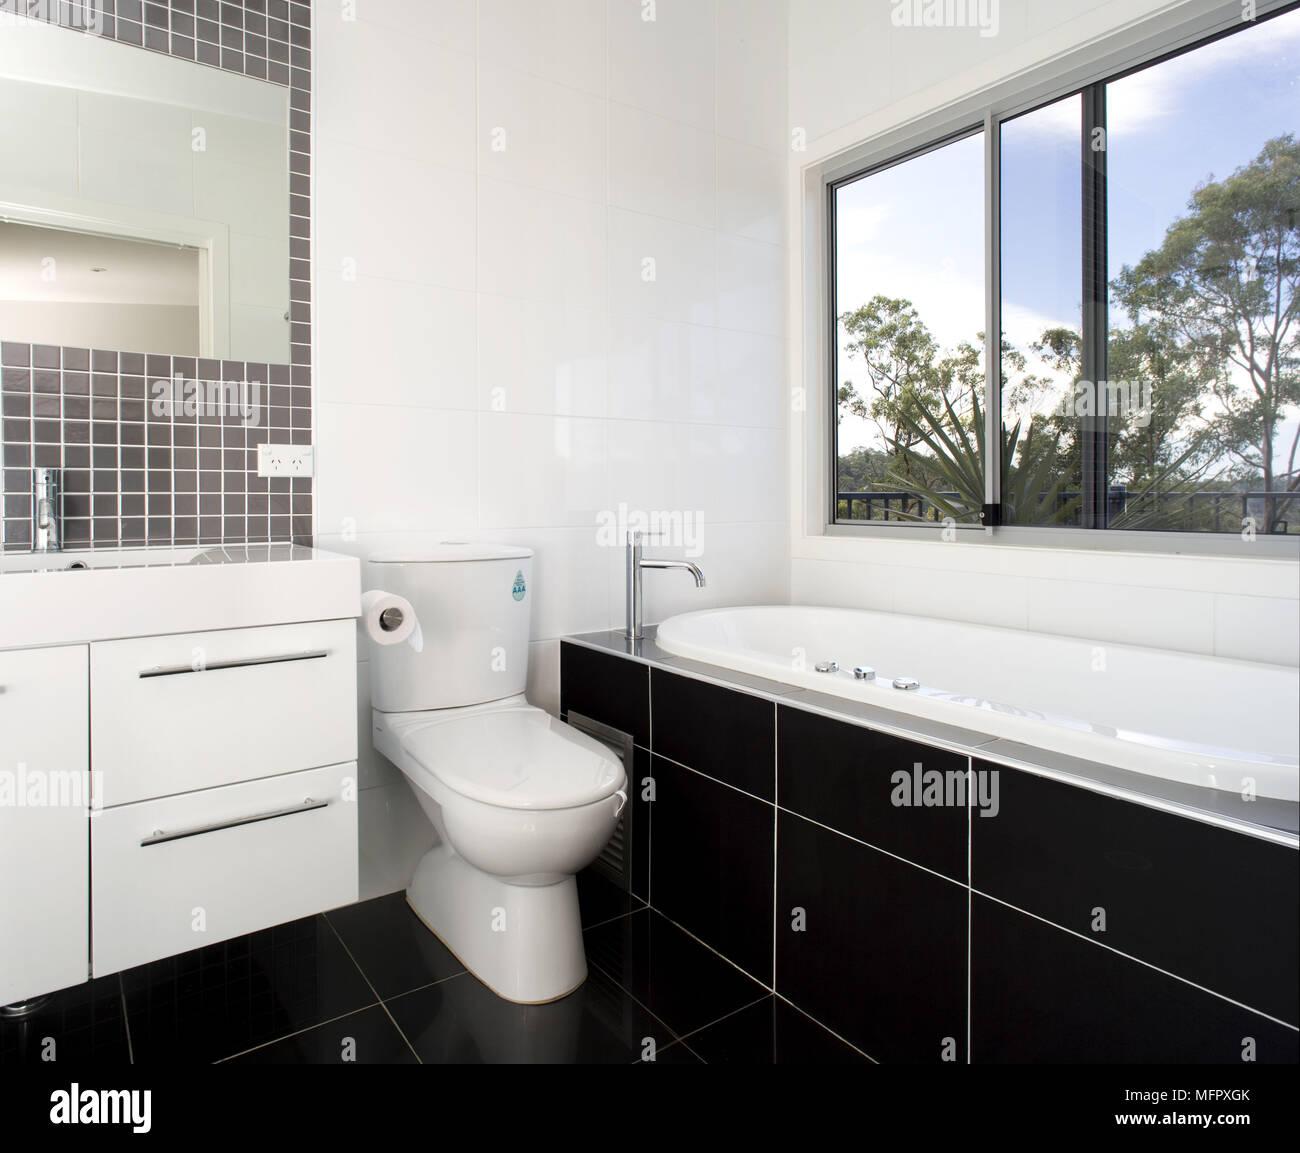 Bathroom Next To Toilet Stock Photos & Bathroom Next To Toilet Stock ...